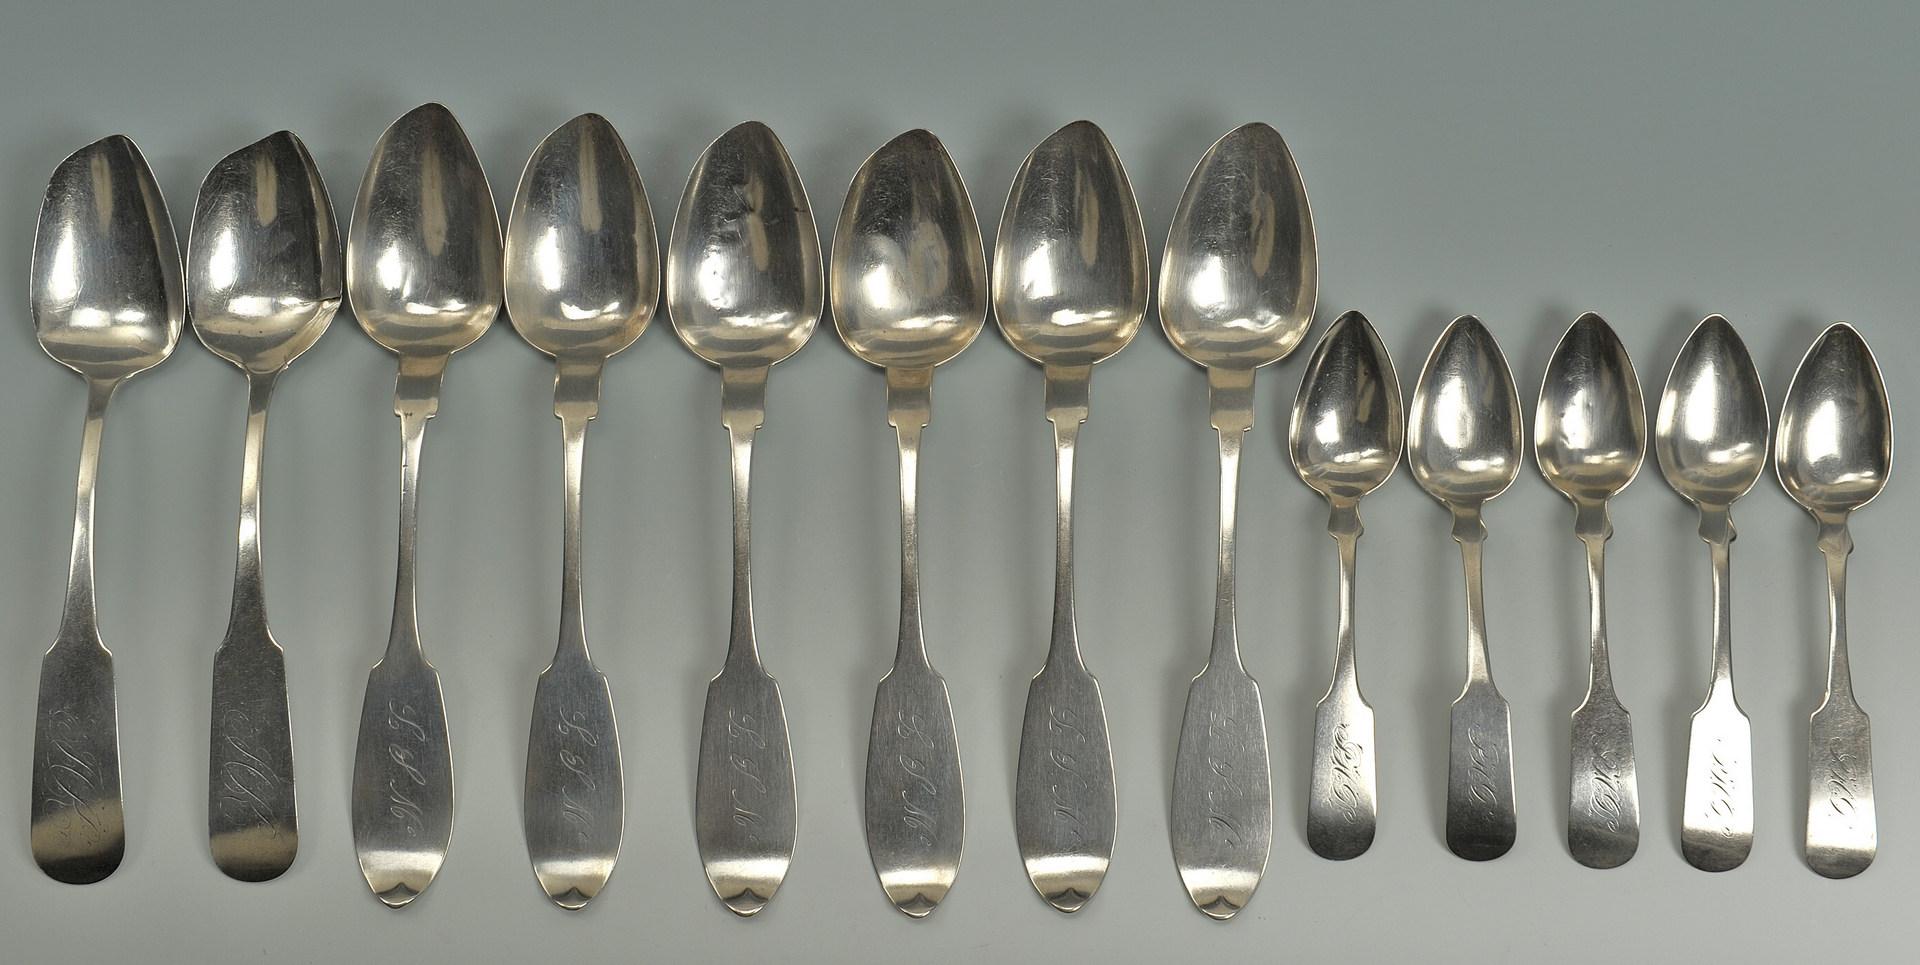 Lot 227: 8 Coin silver tablespoons, 5 teaspoons, NY & NJ